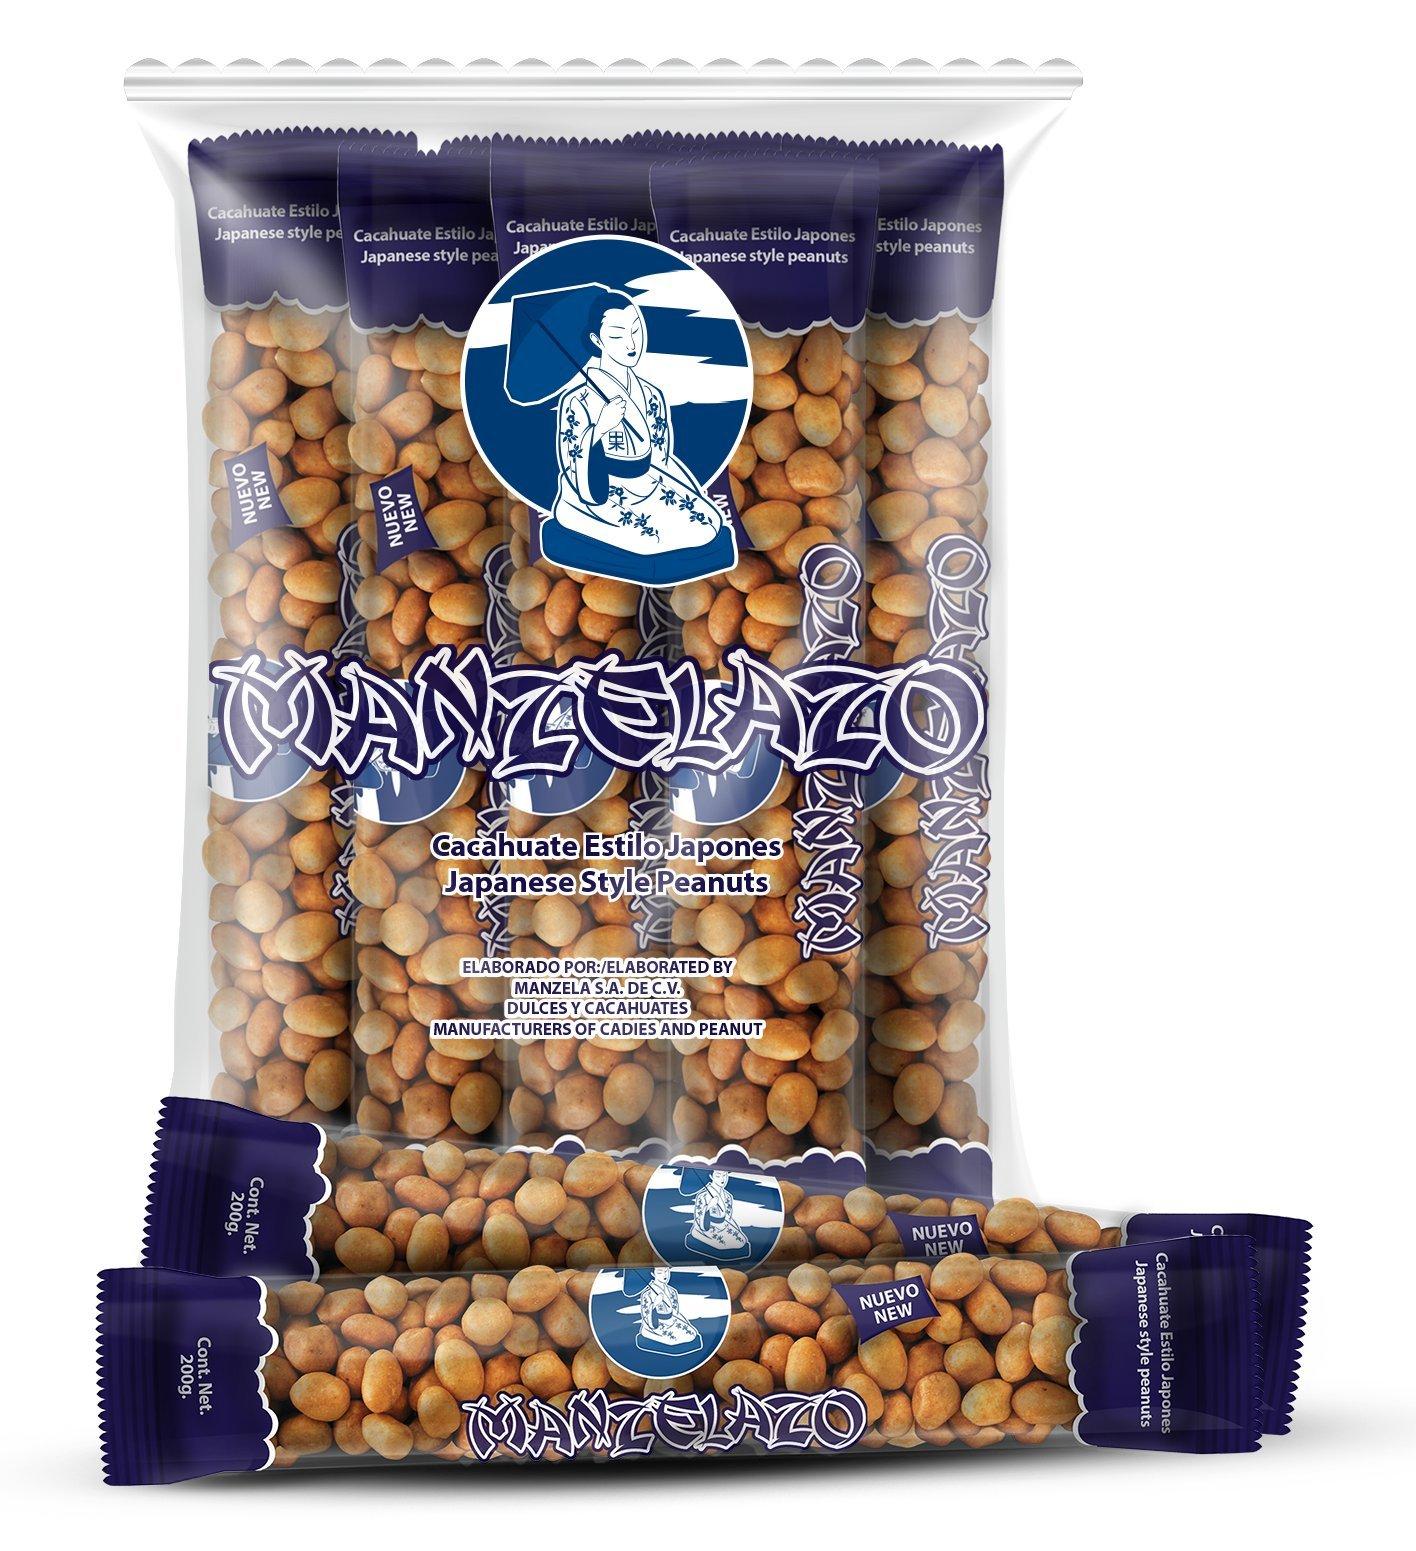 Manzela Japanese Style Peanuts 10 count 6.35oz. each / Cacahuates Estilo Japonés 10pz de 180grs